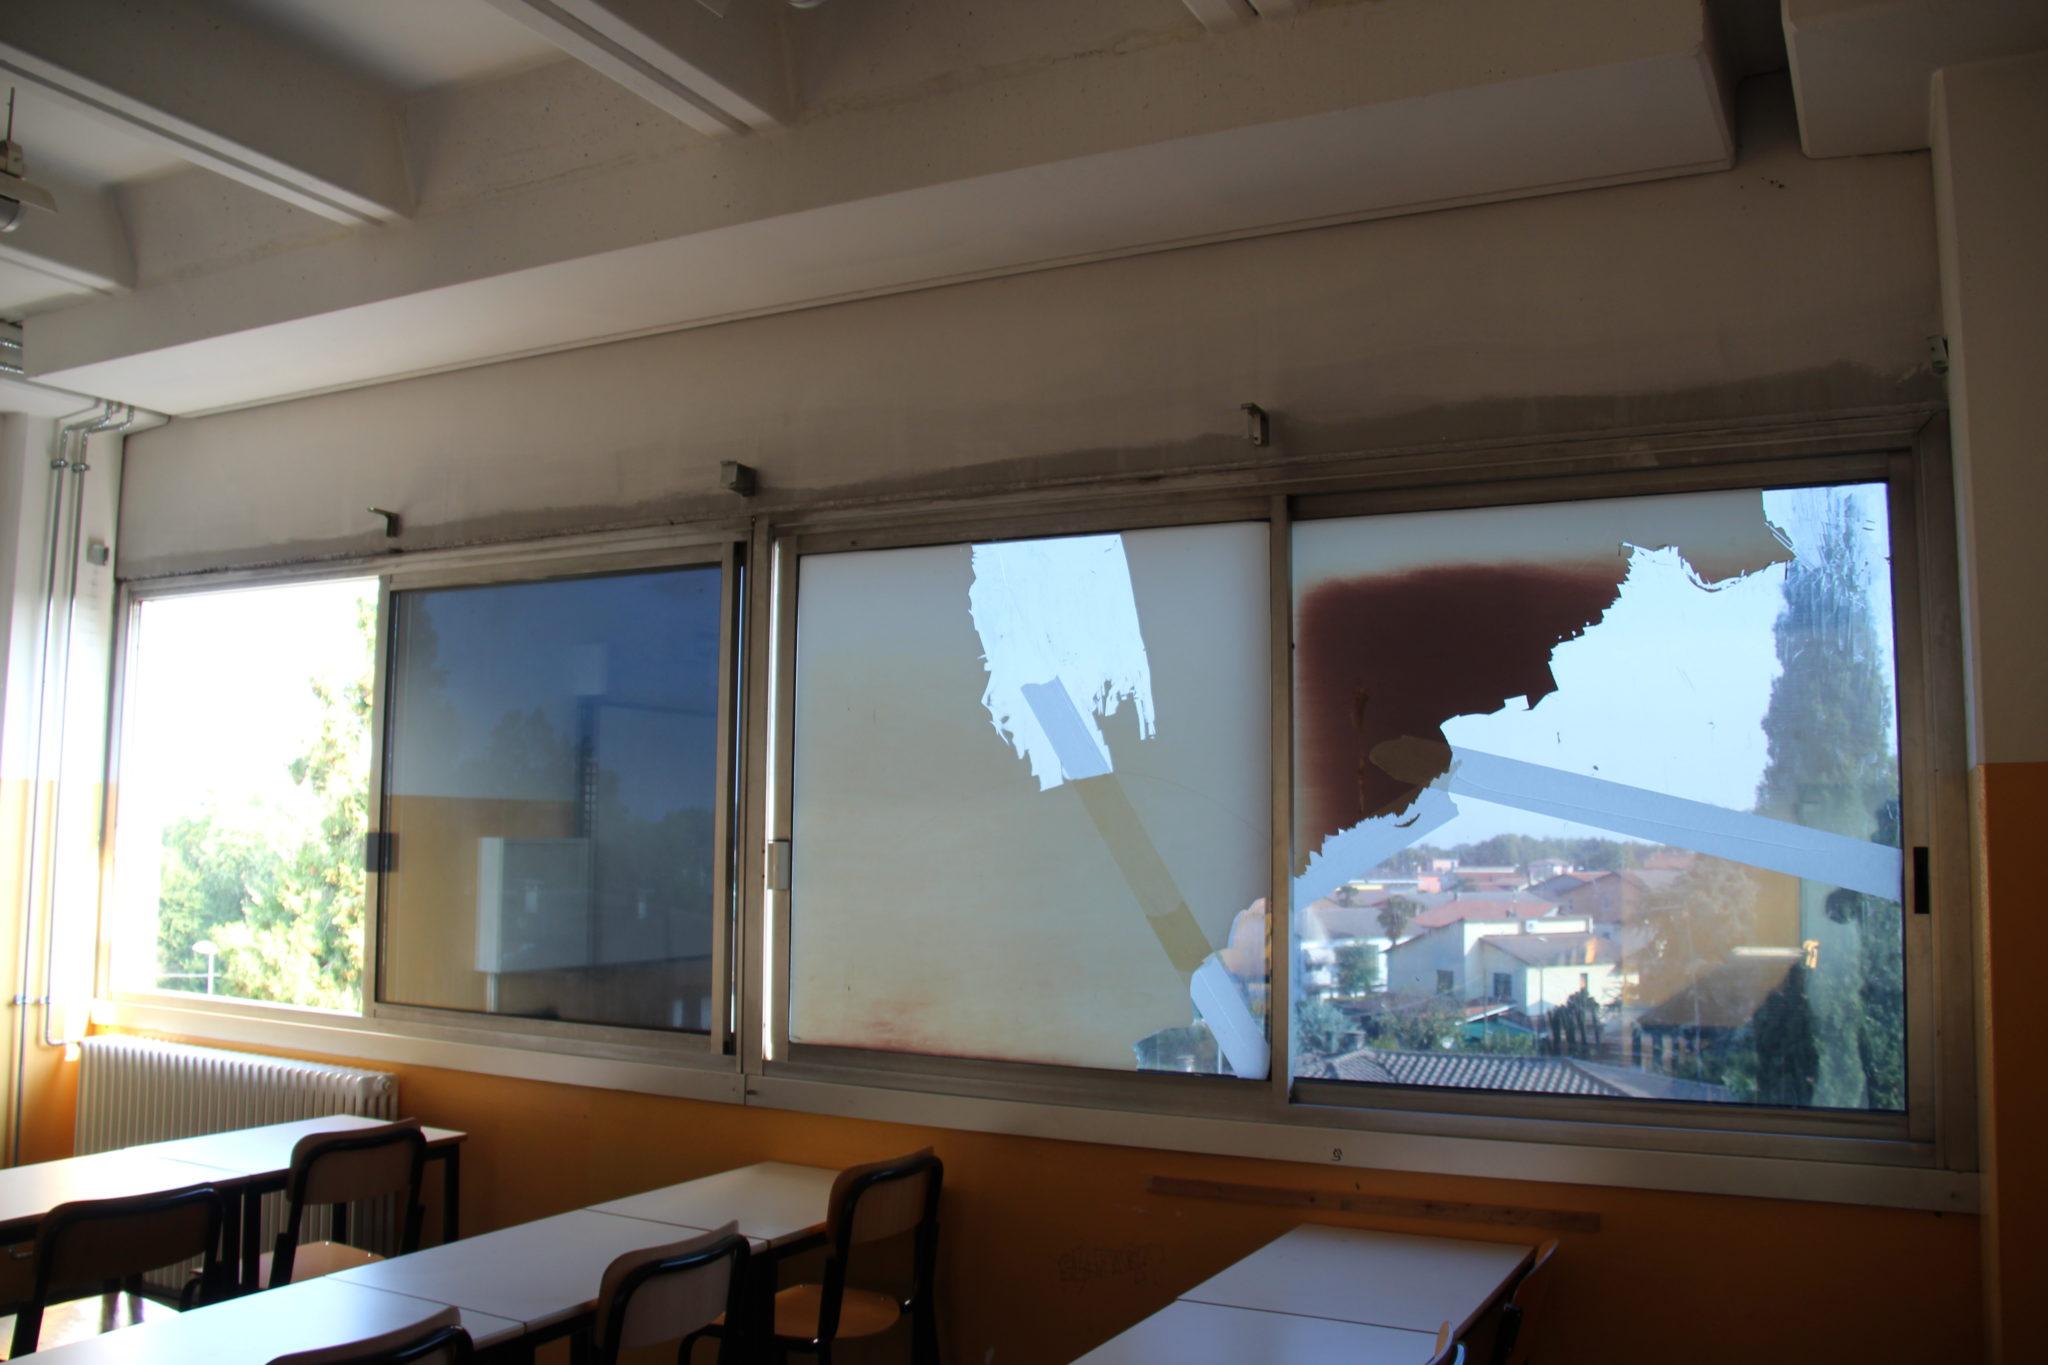 pellicole controllo solare scuola